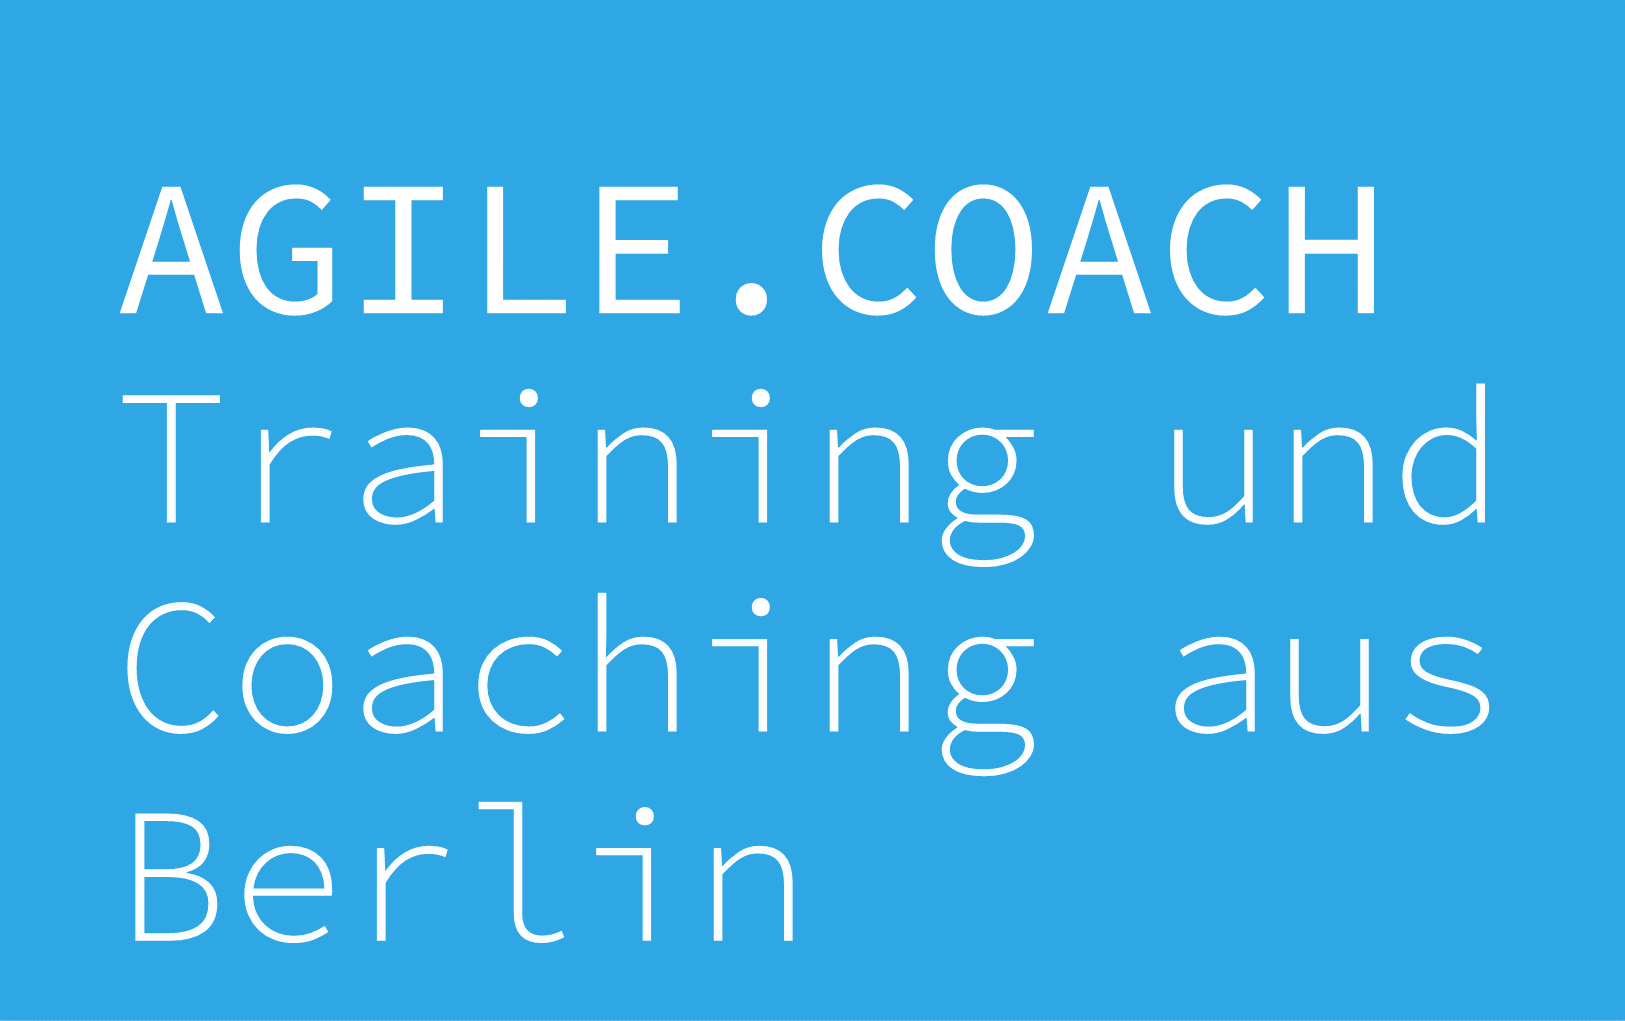 agile.coach